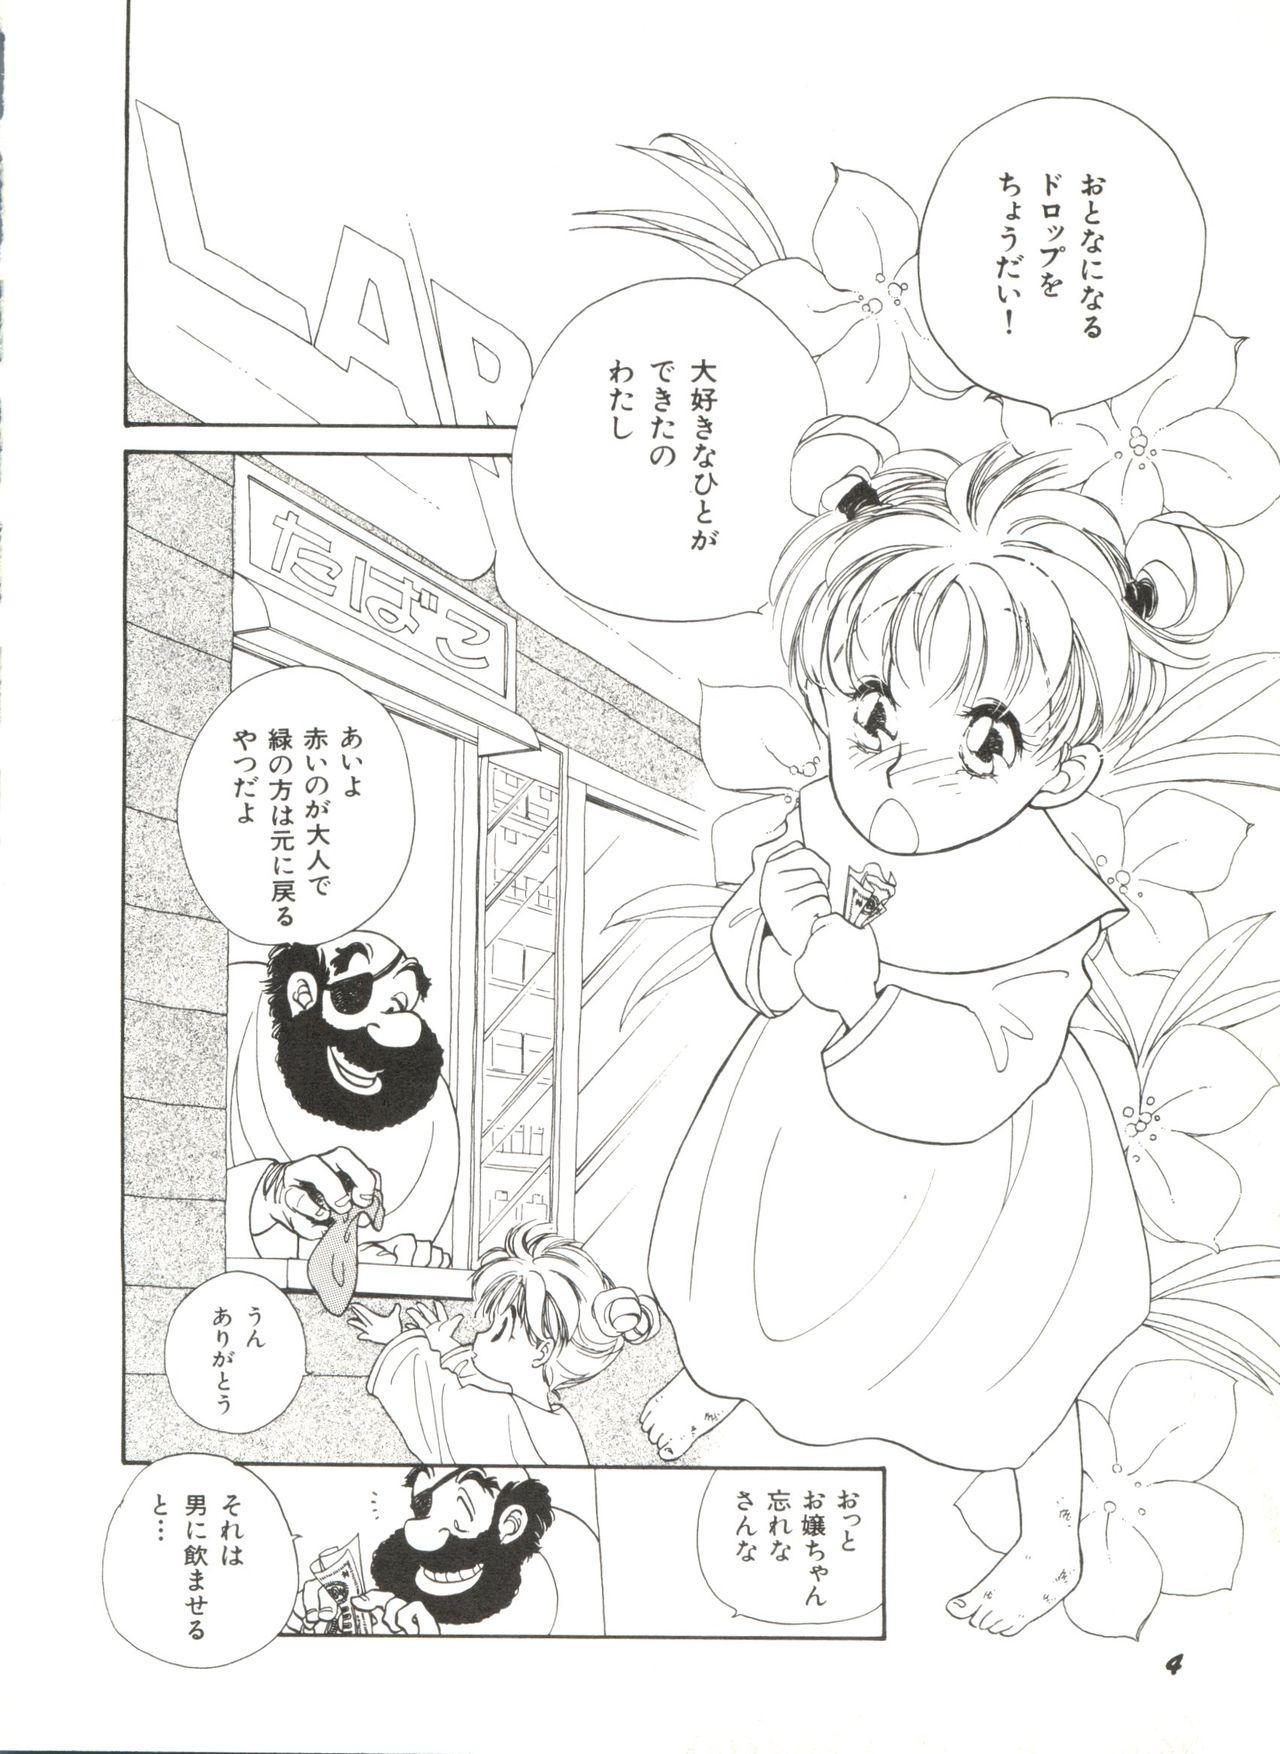 Bishoujo Doujinshi Anthology 6 7